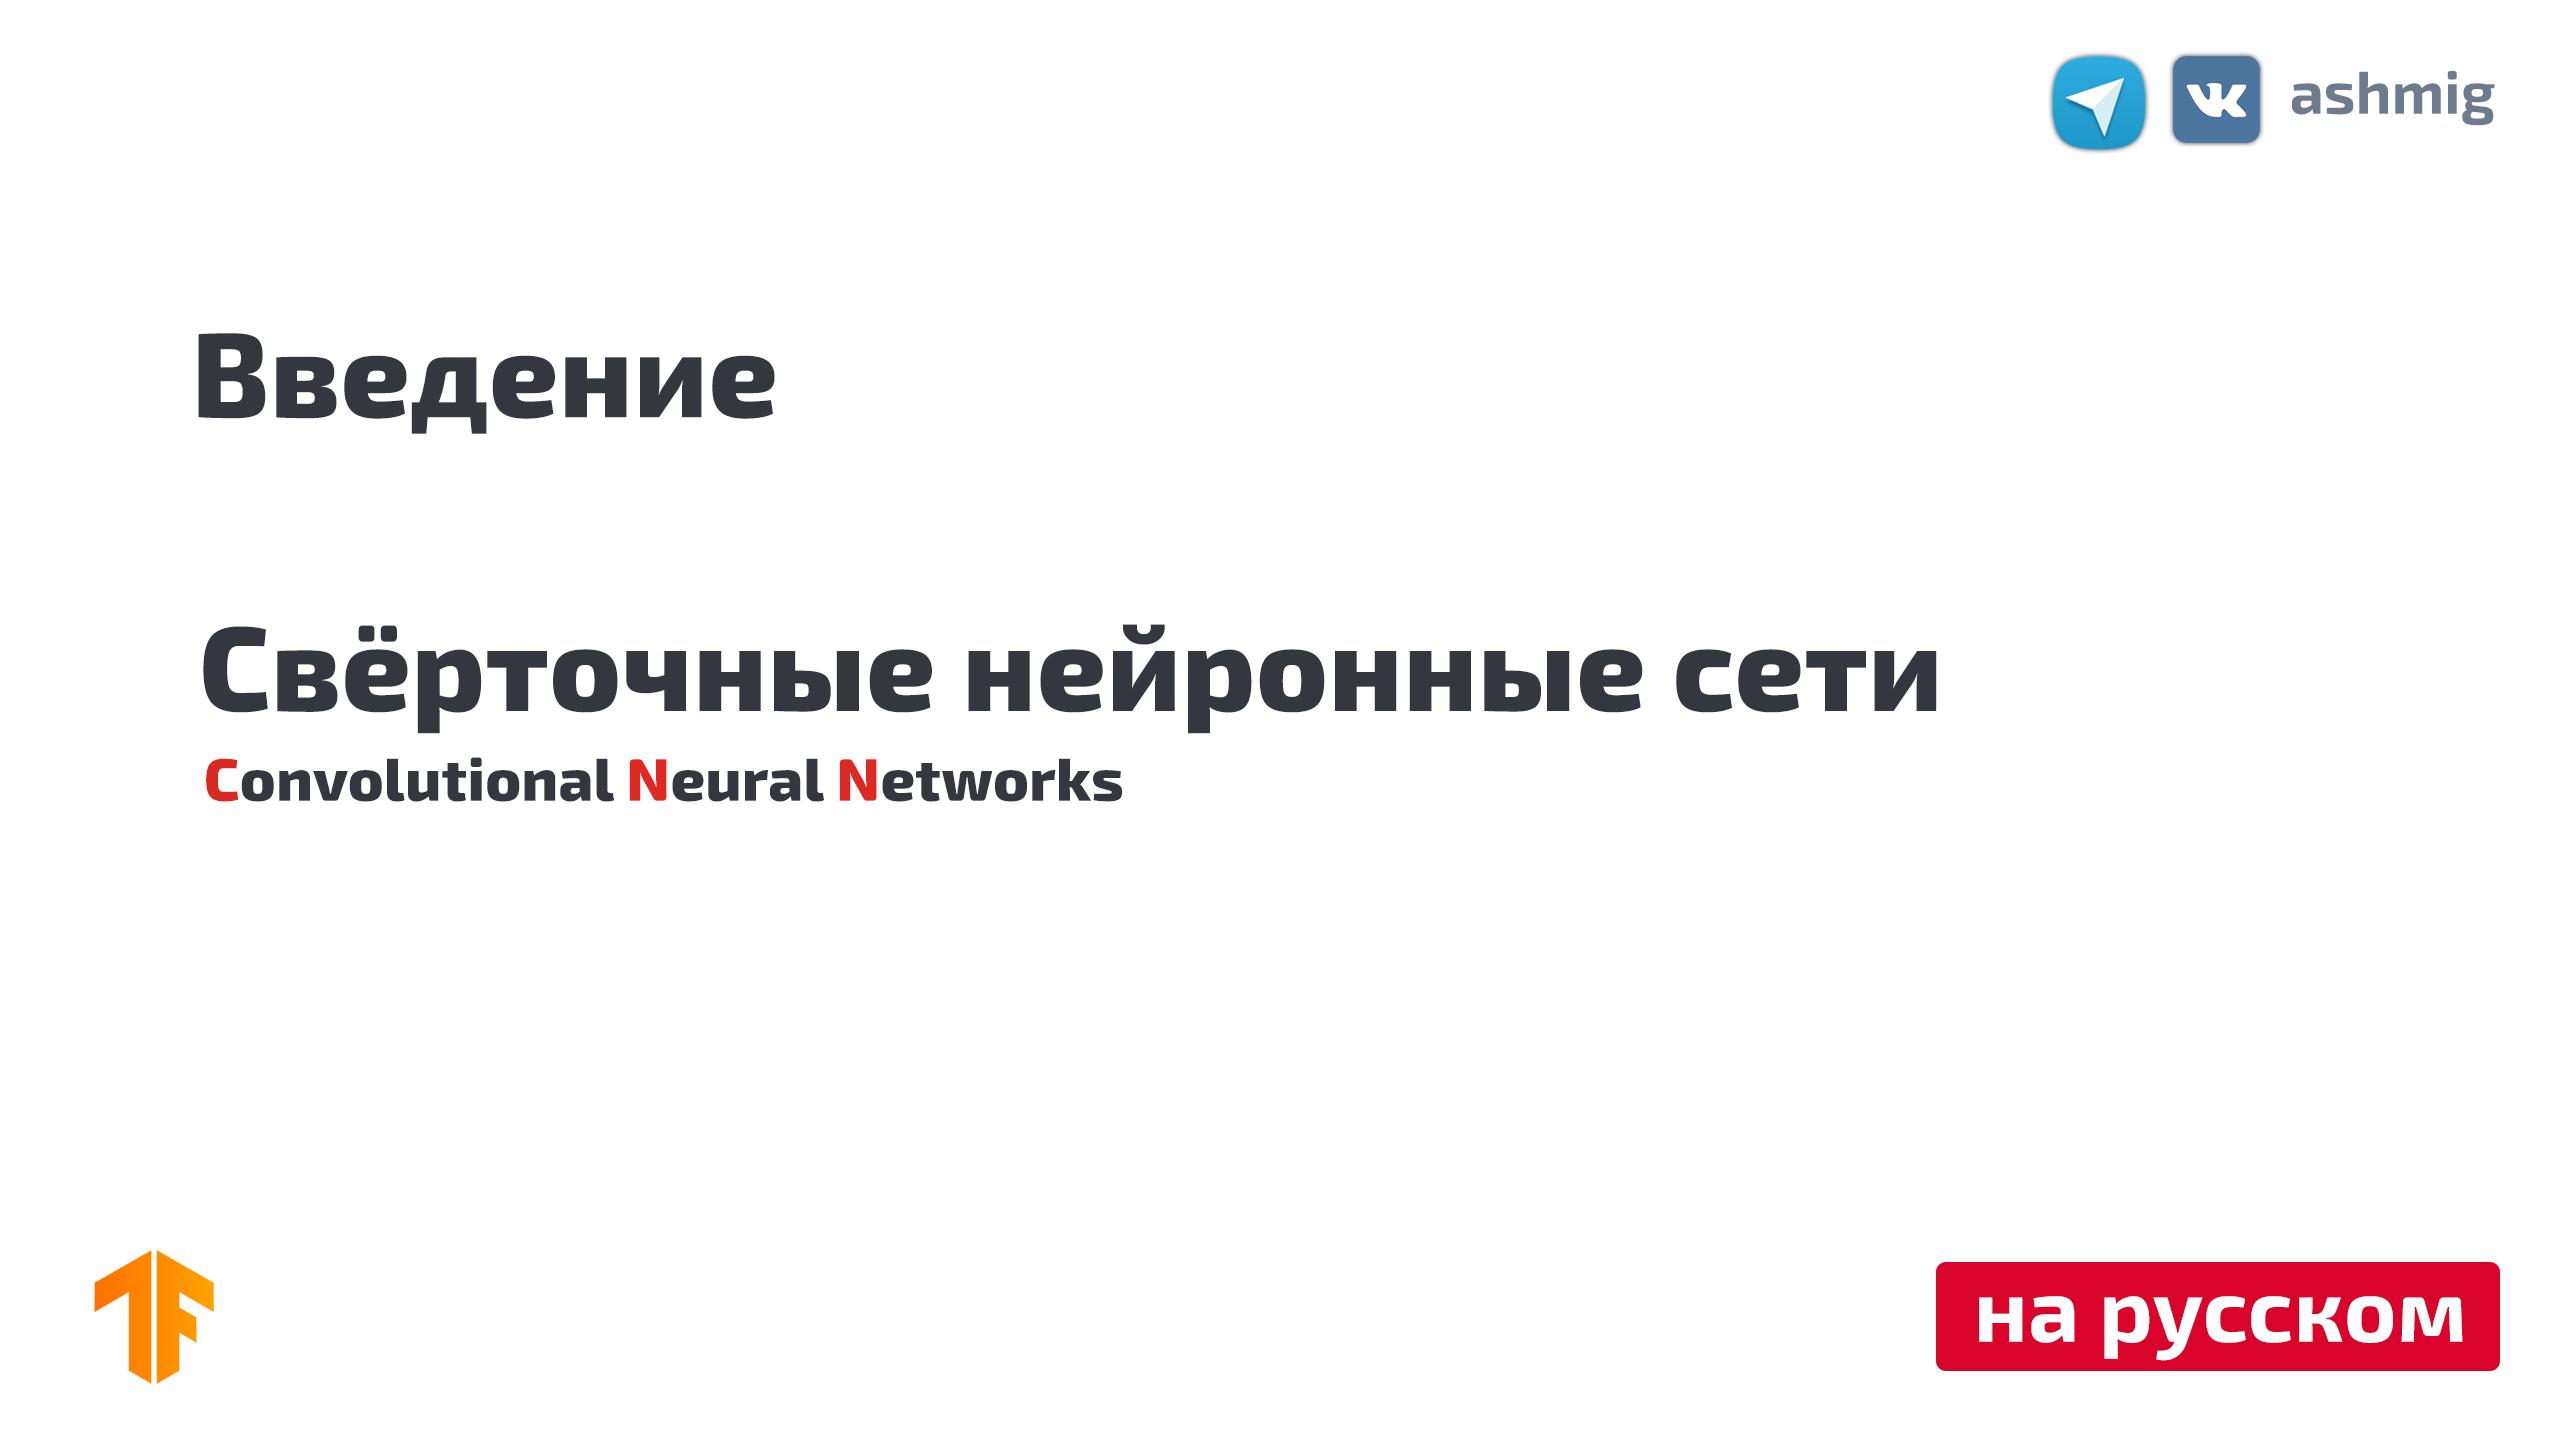 Публикации / Закладки / Профиль zaleslaw / Хабр